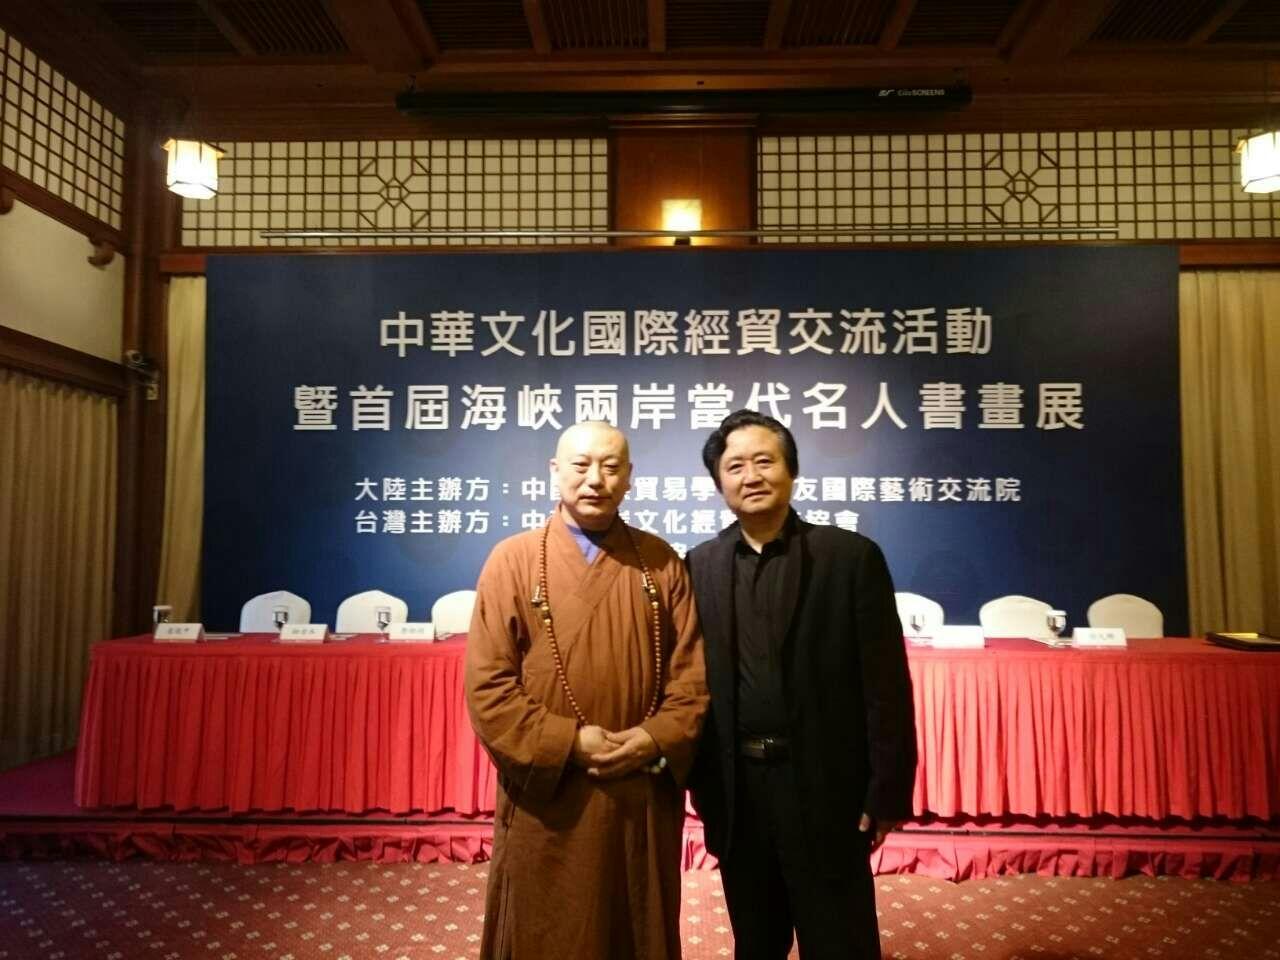 张广才教授参加中外友协举办的首届海峡两岸名人书画展_图1-5